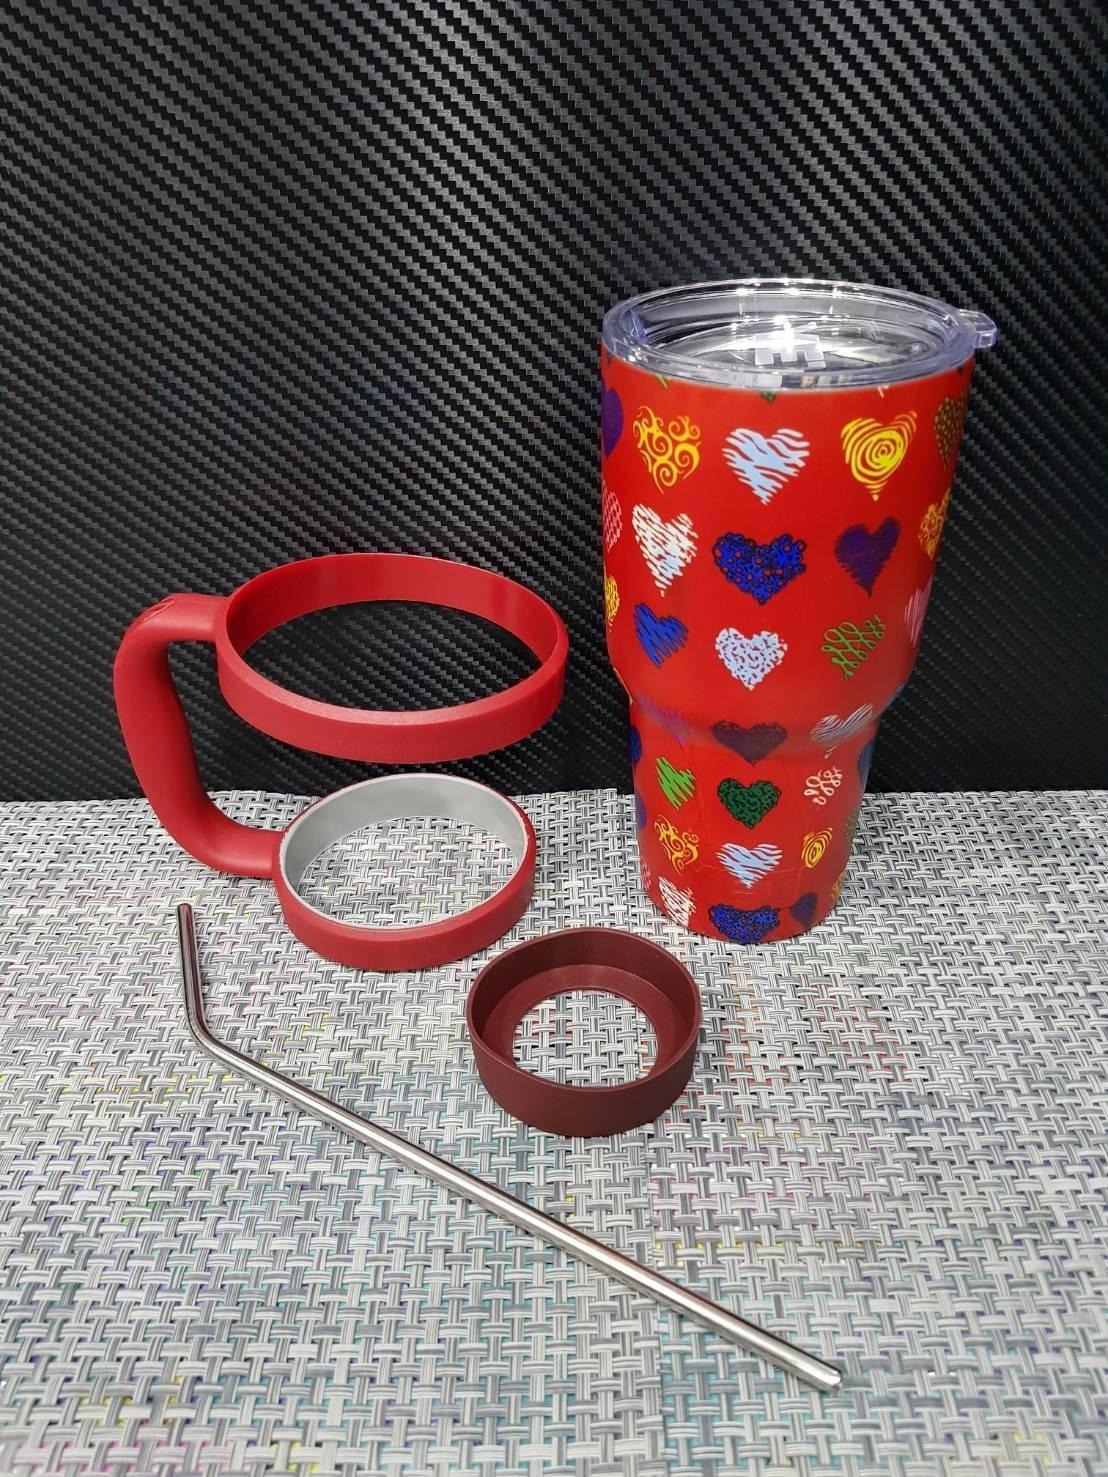 ชุดแก้วเยติ 30 ออนซ์ พื้นสีแดง ลาย หัวใจ